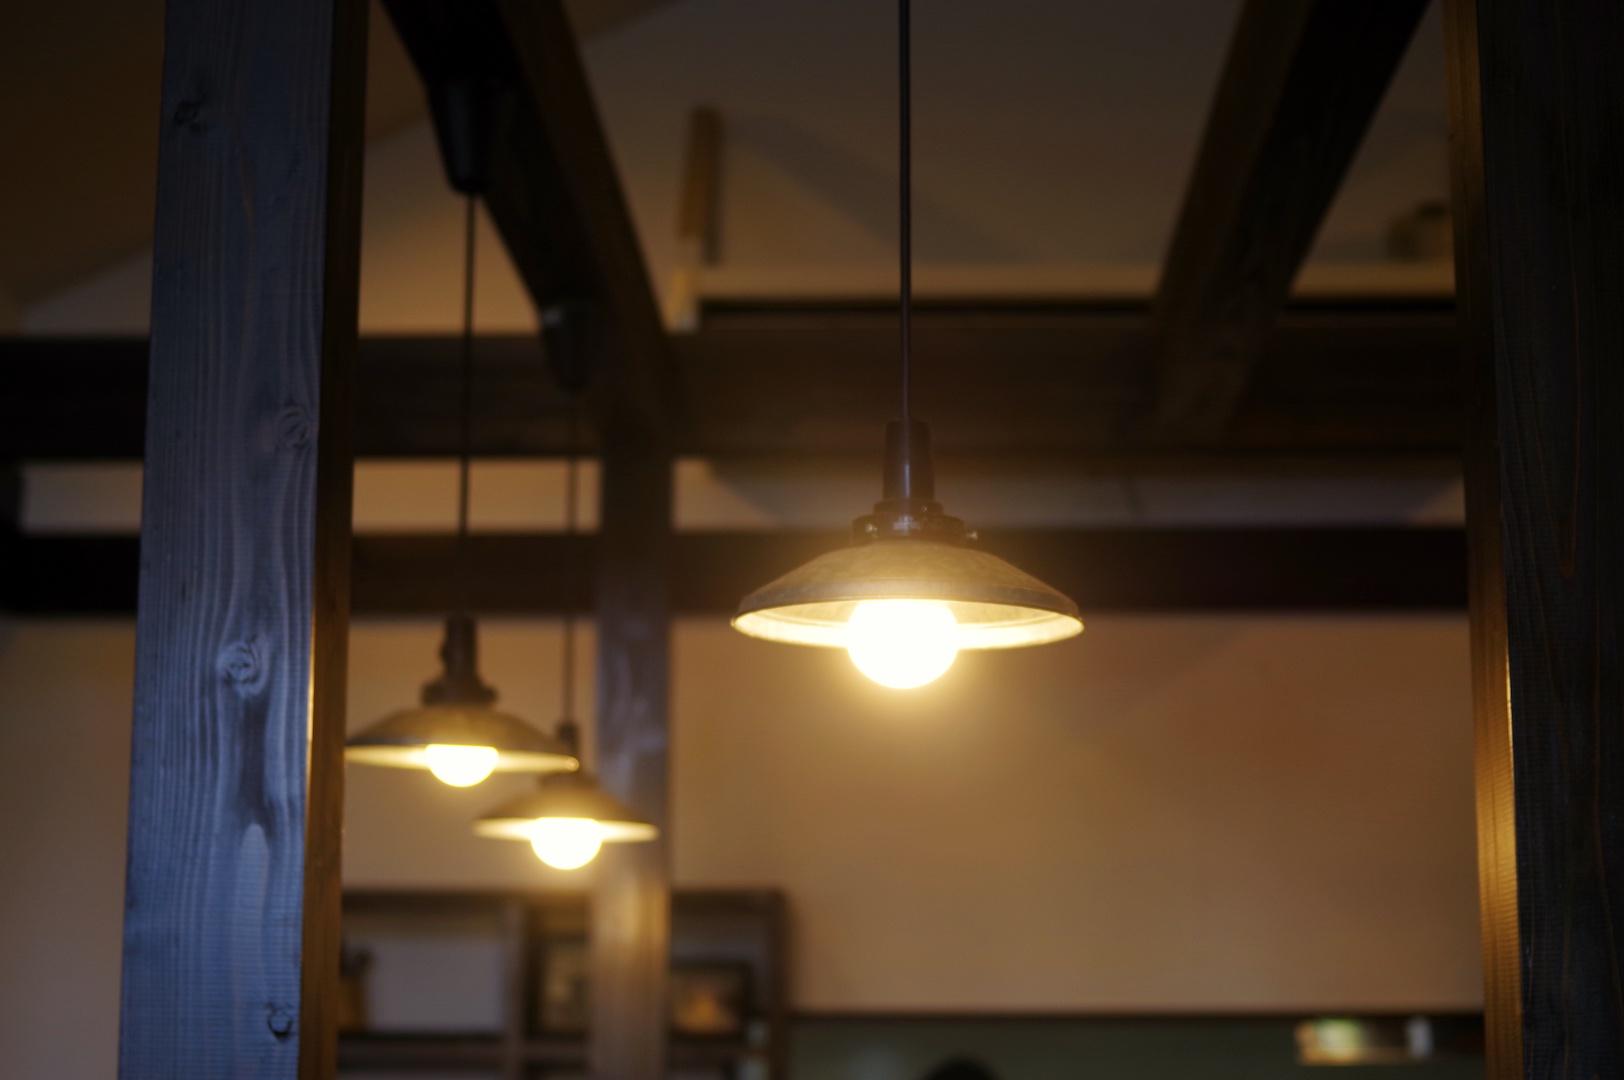 vol.52 光の力を考えた、照明のコーディネートのススメ